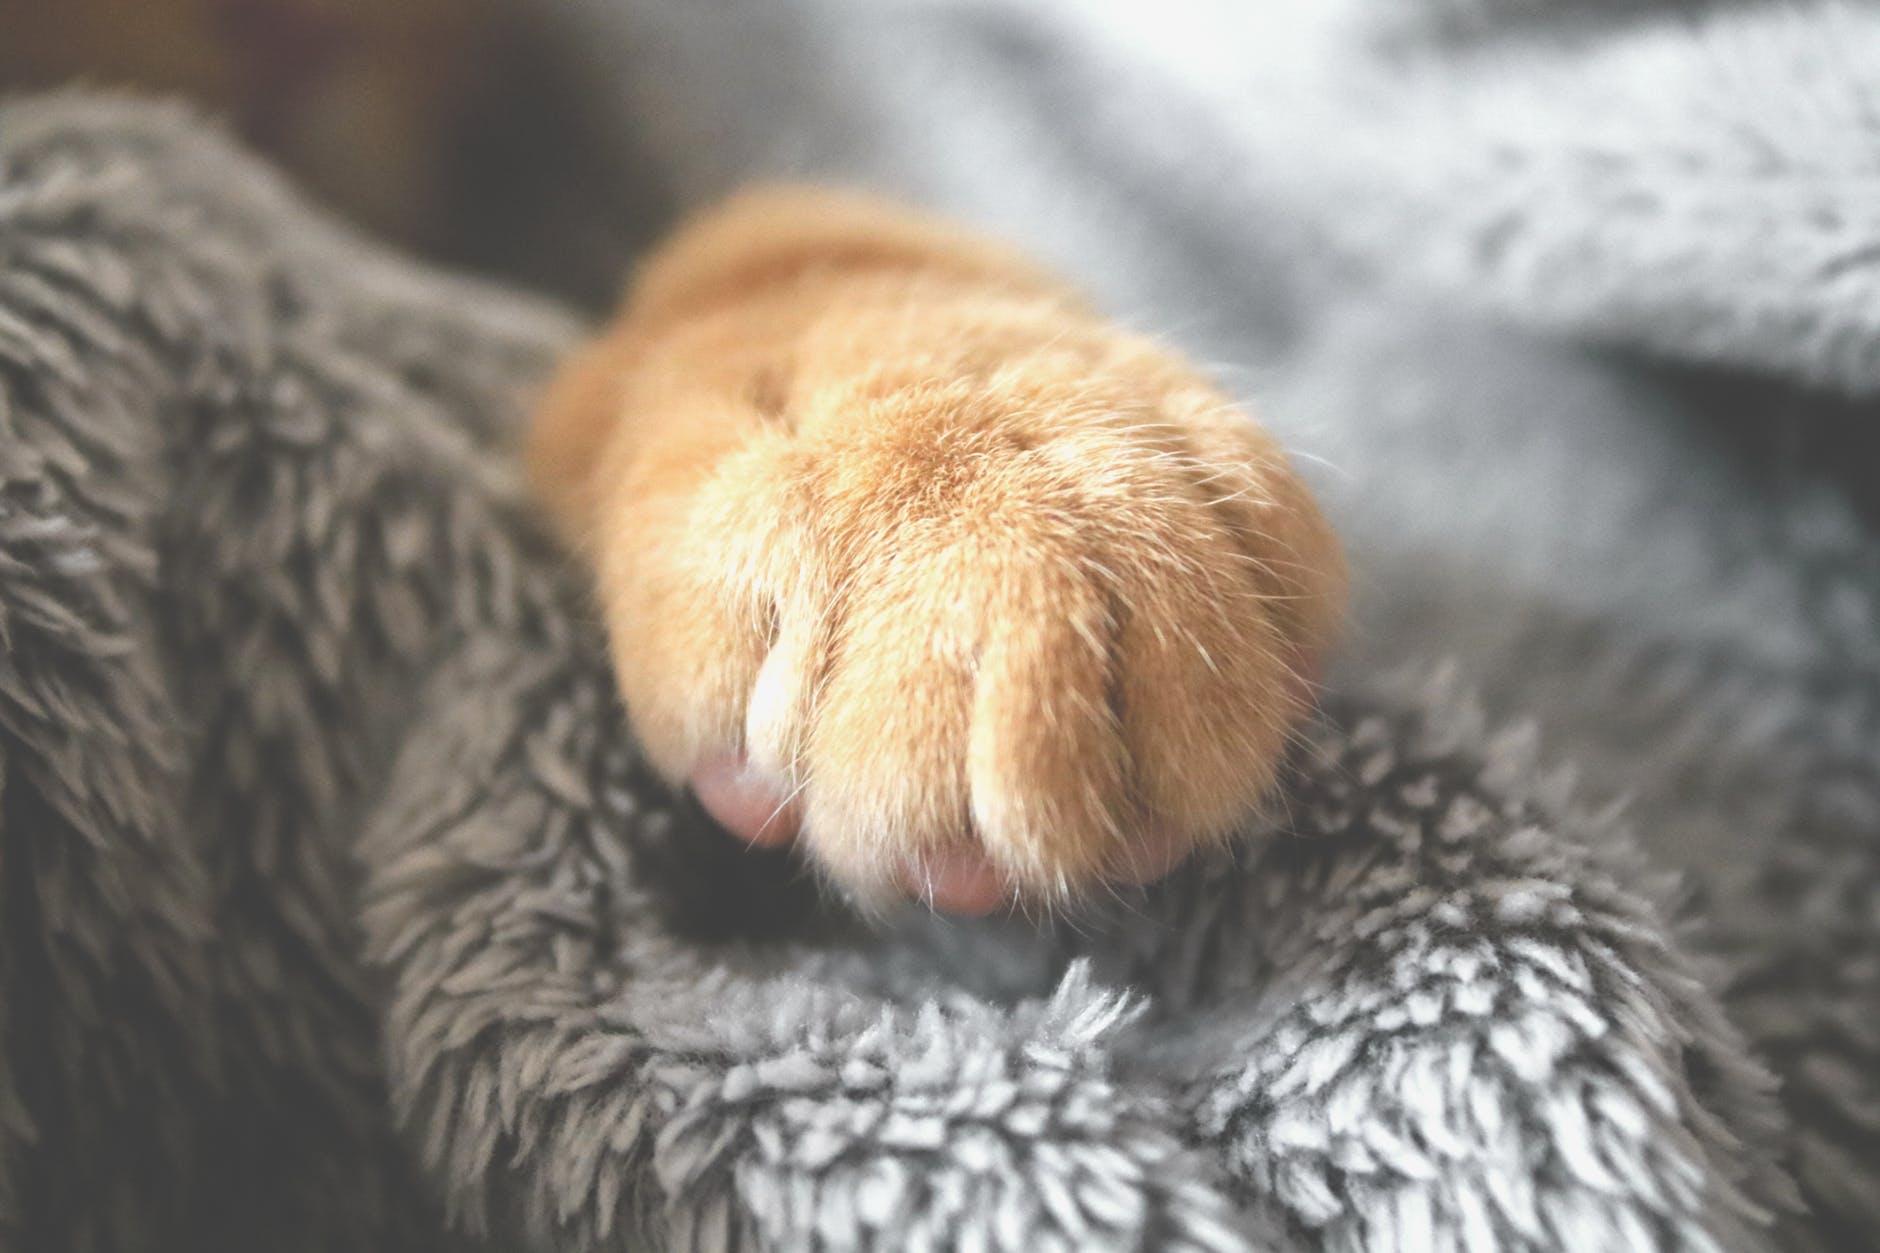 Torsul pisicii are efecte miraculoase! Afectiunile pe care le poti trata cu ajutorul pisicii